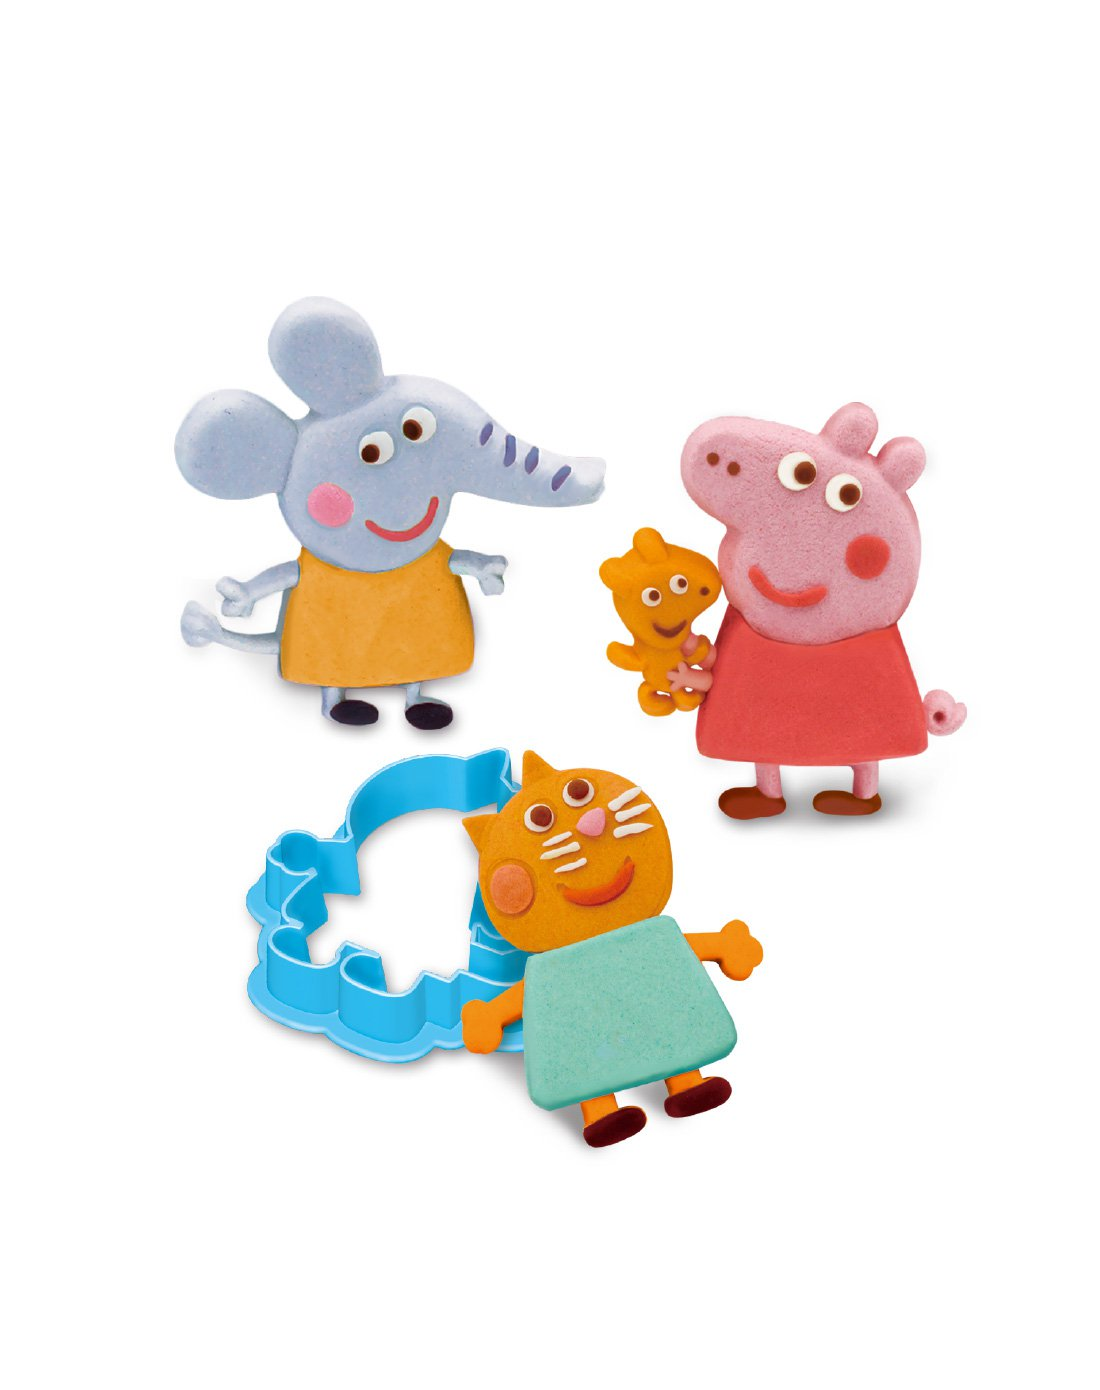 小猪佩奇橡皮泥粘土彩泥套装男女孩 小猪佩奇工具组